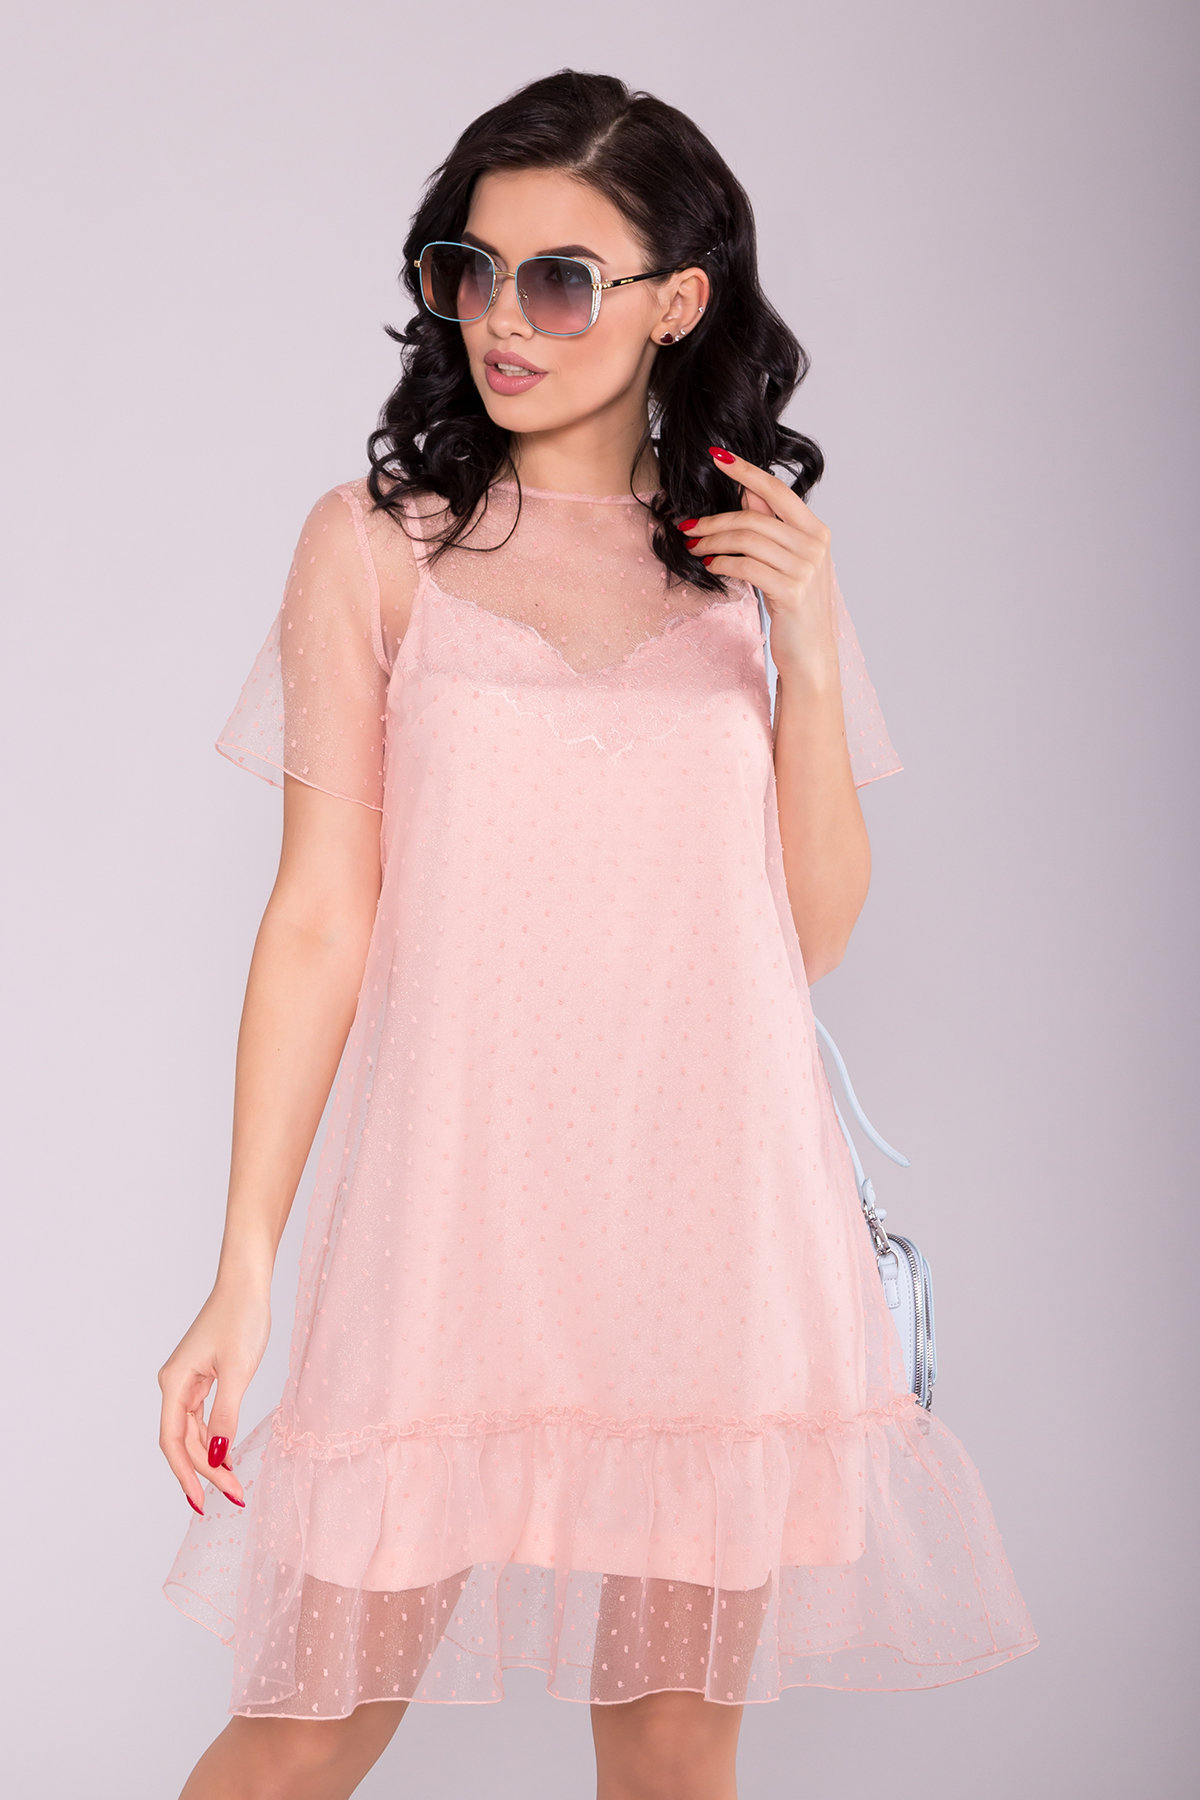 Платье Леонела 6960 АРТ. 42340 Цвет: Пудра 7 - фото 3, интернет магазин tm-modus.ru